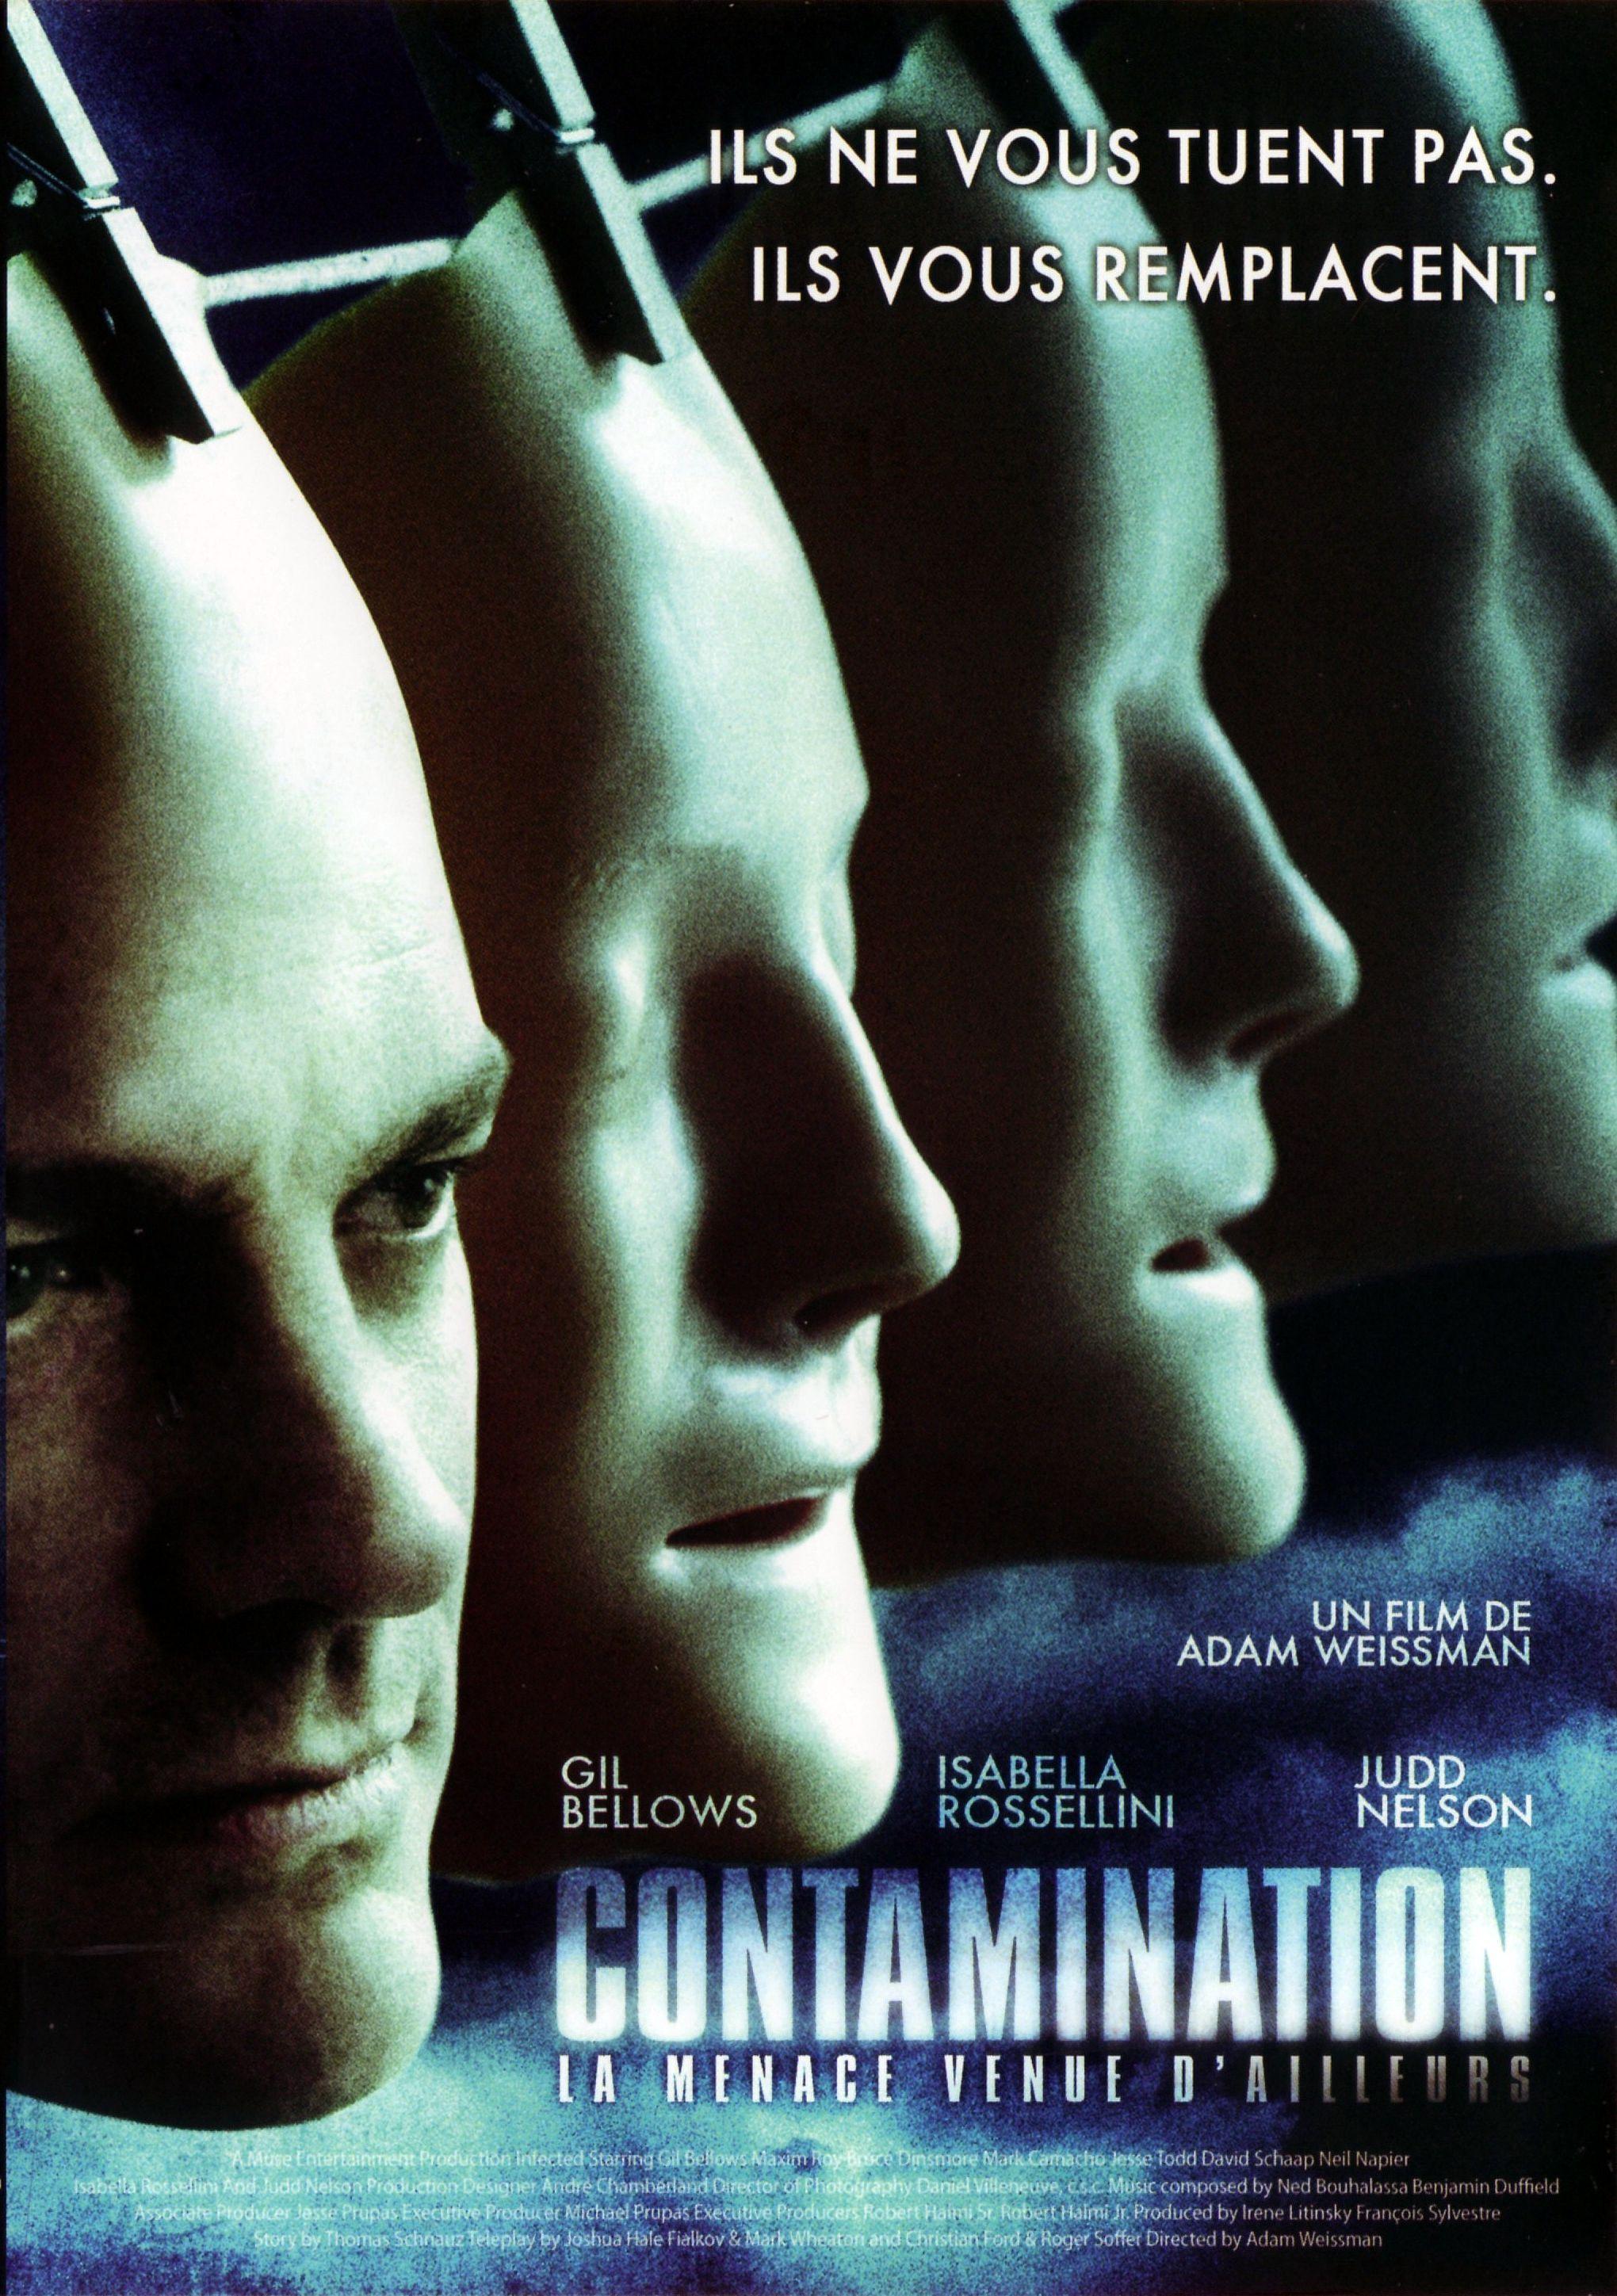 affiche du film Contamination: la menace venue d'ailleurs